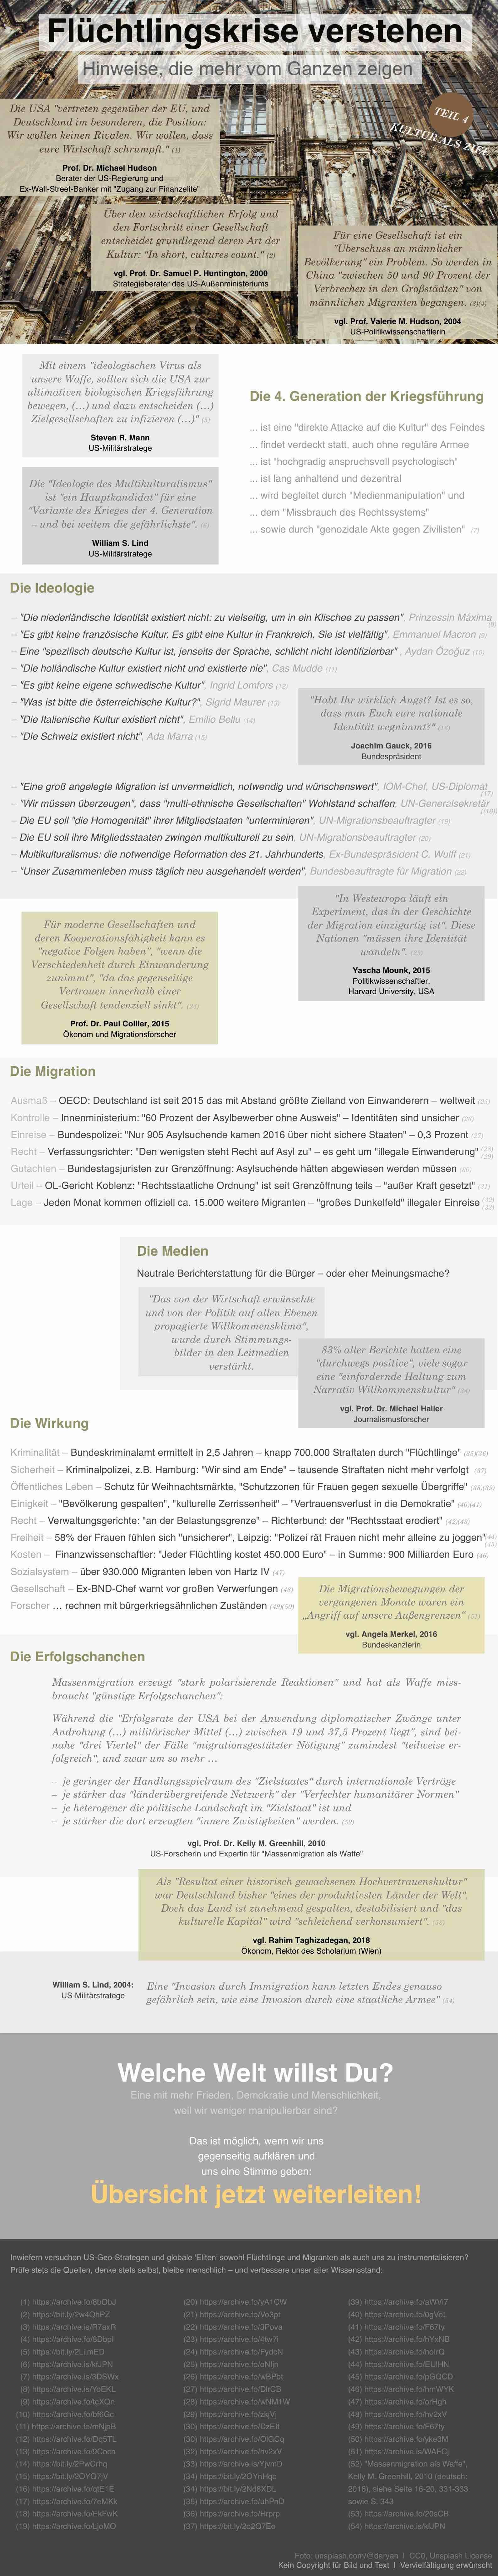 Flüchtlingskrise verstehen - Teil 4 - Bildquelle: unsplash.com/@daryan; CC0, Unsplash License